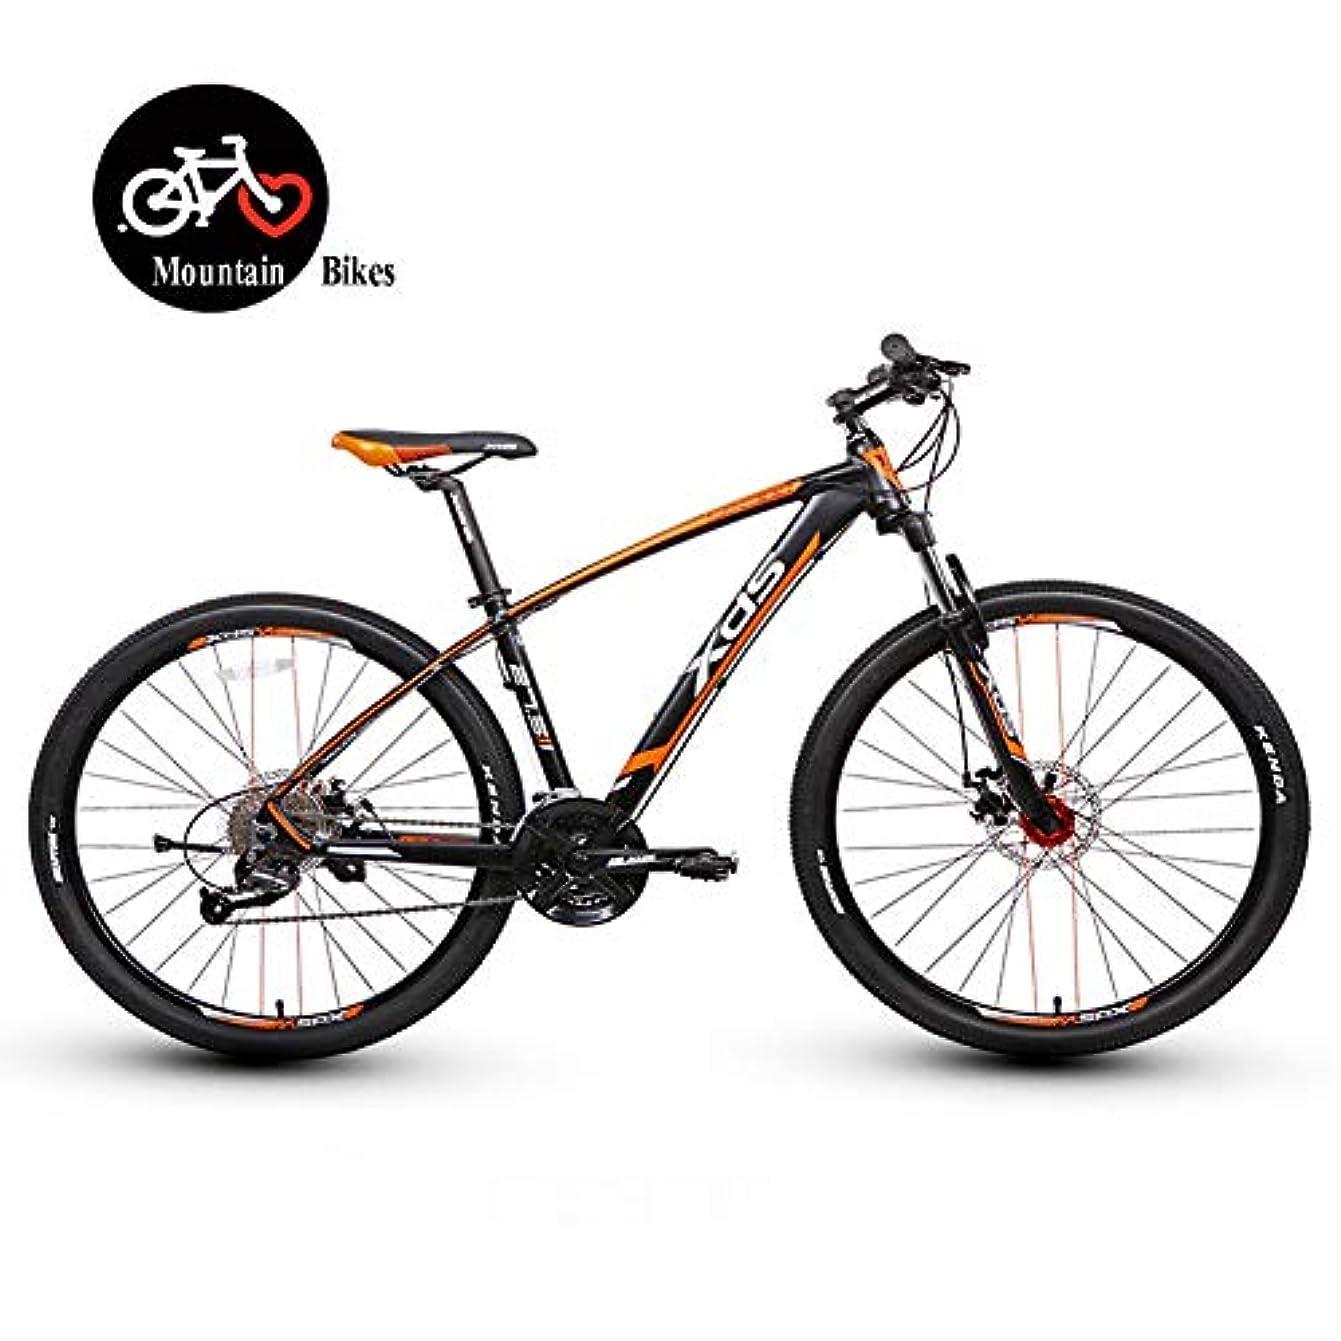 恐ろしいですグレード入射27.5インチマウンテンバイク、大人のハードテールマウンテンバイク、27スピードデュアルディスクブレーキマウンテントレイルバイク、メンズ自転車アルミフレーム、オールテレーンマウンテンバイク,16 inch orange,27 speed